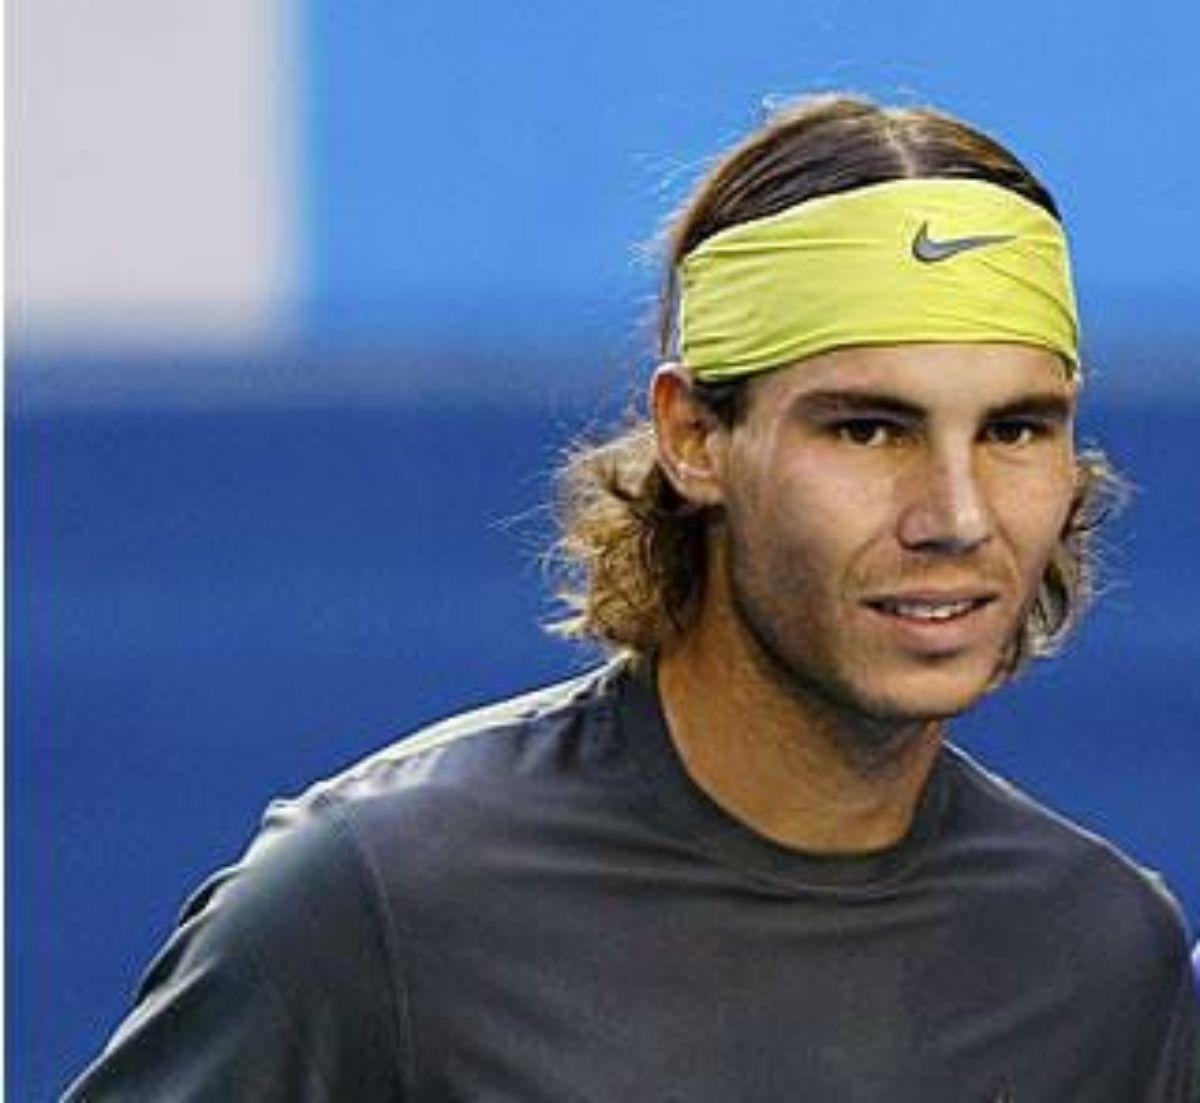 El tenista español Rafa Nadal, el personaje español mejor valorado.